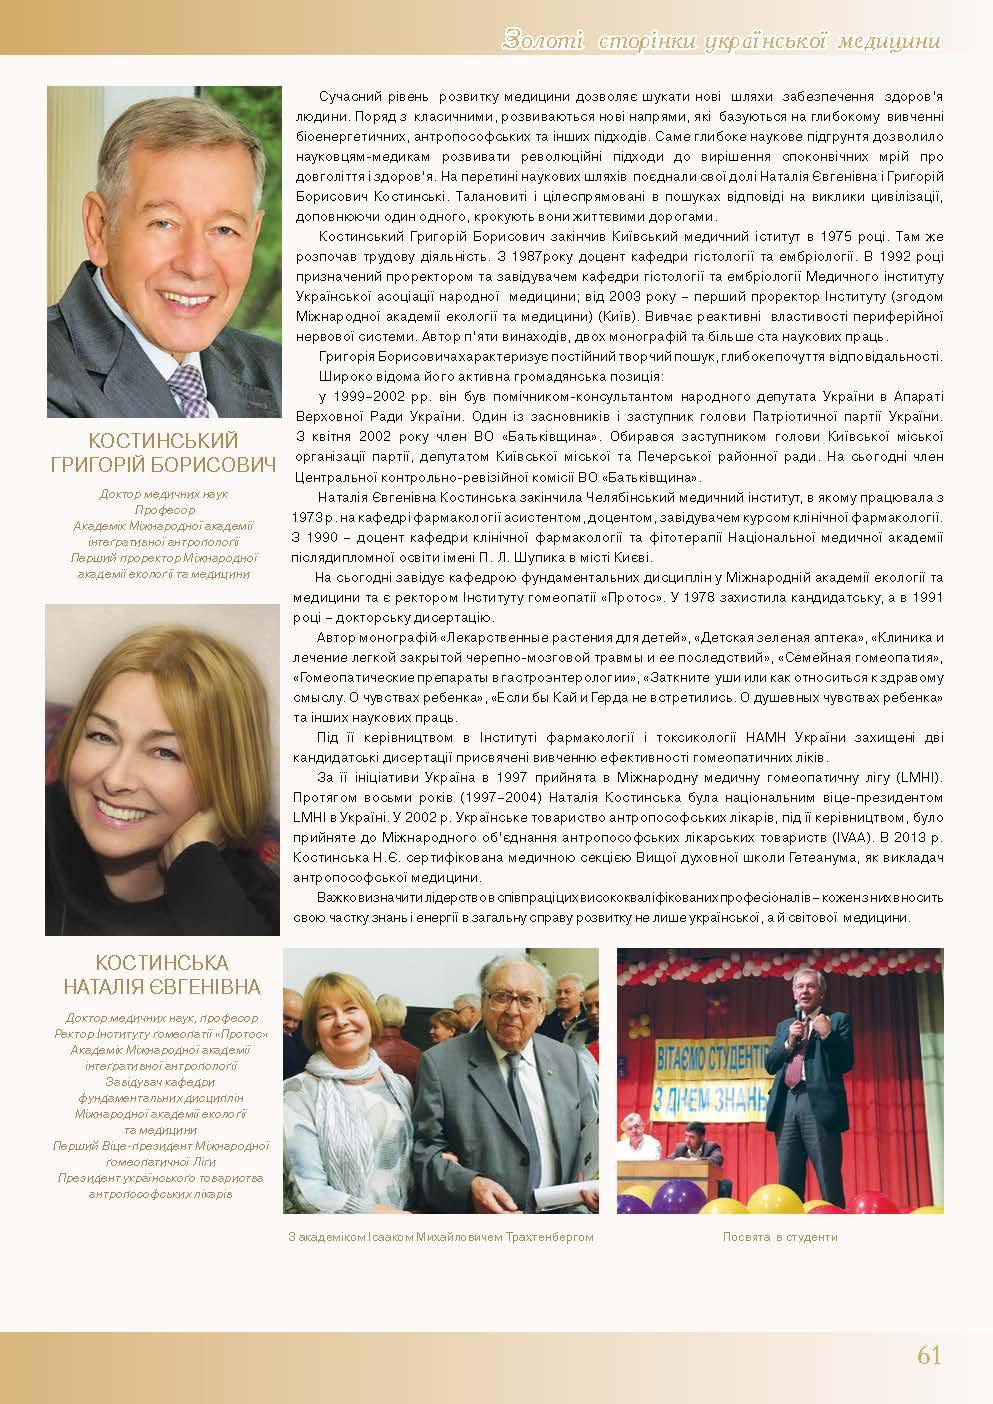 Костинський Григорiй Борисович, Костинська Наталія Євгенівна